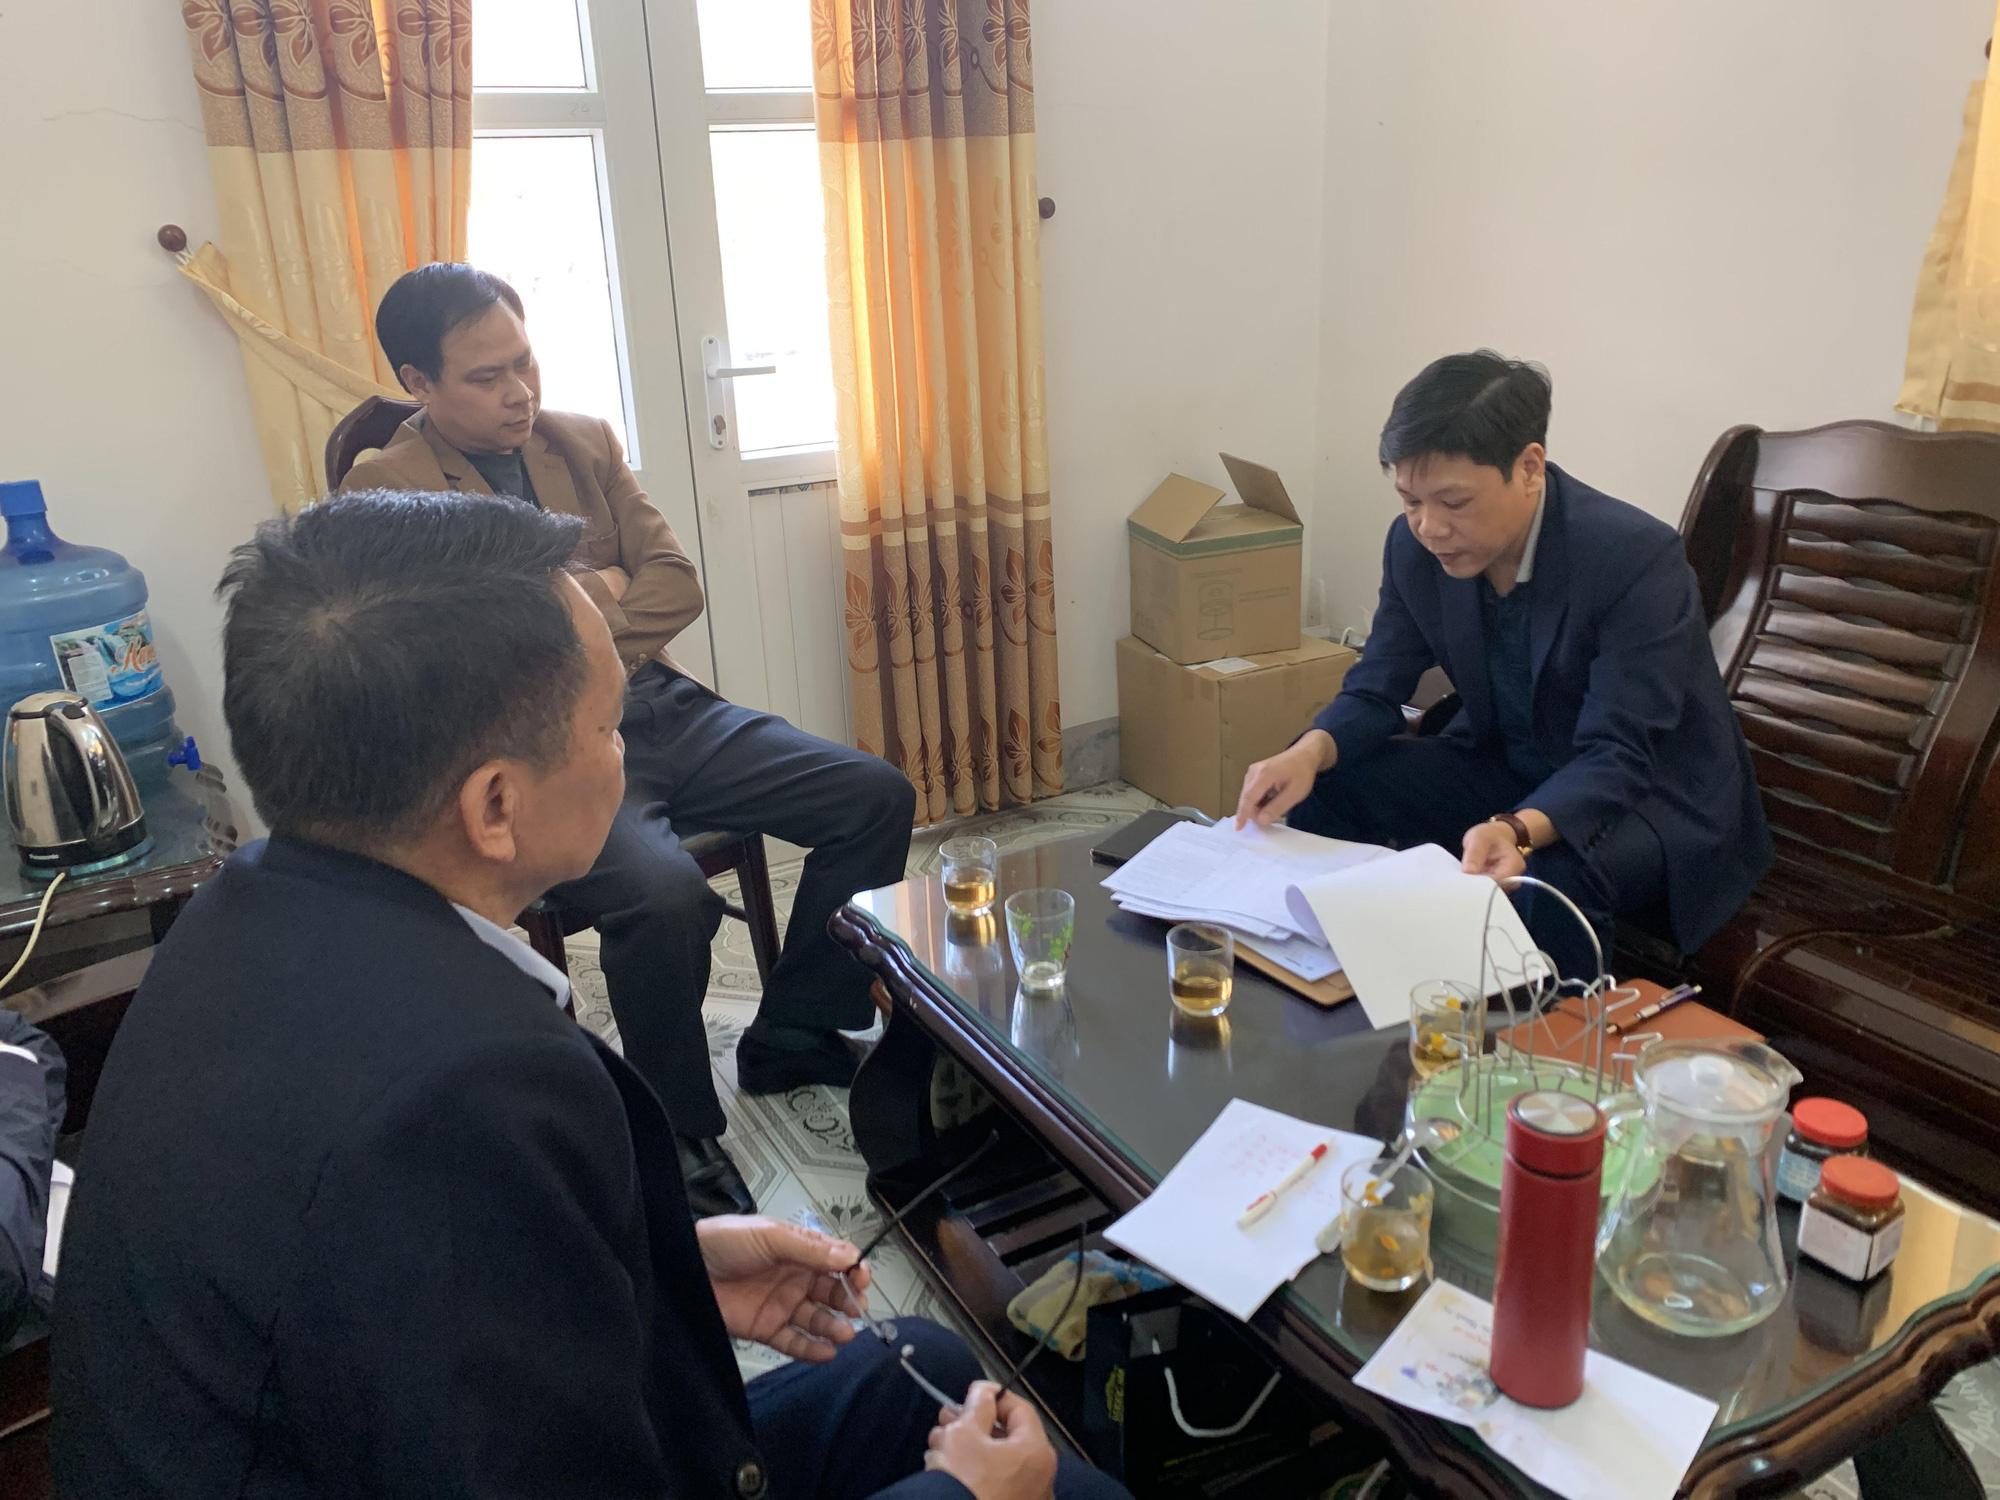 Lai Châu: Tài sản của nguyên Trưởng phòng GDDT Mường Tè tăng bất thường? - Ảnh 6.